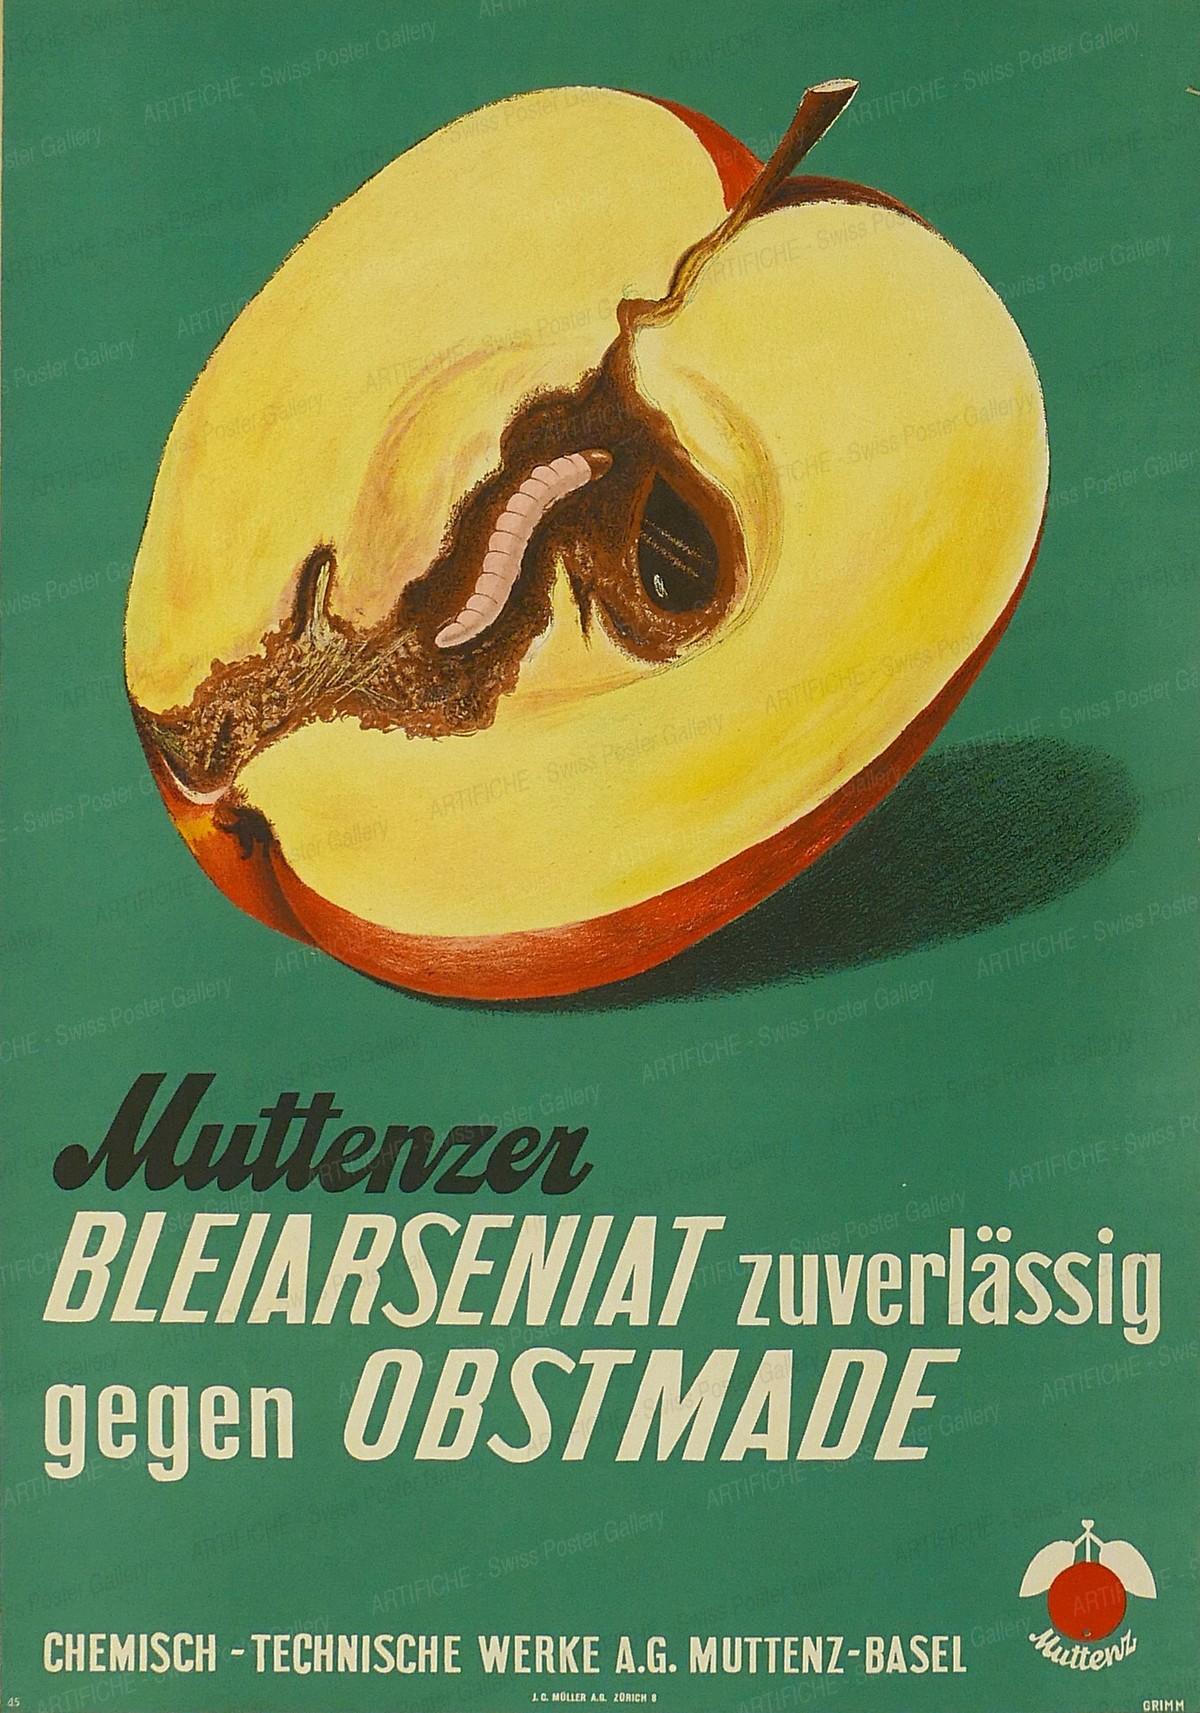 Muttenzer Bleiarseniat zurverlässig gegen Obstmade, Grimm